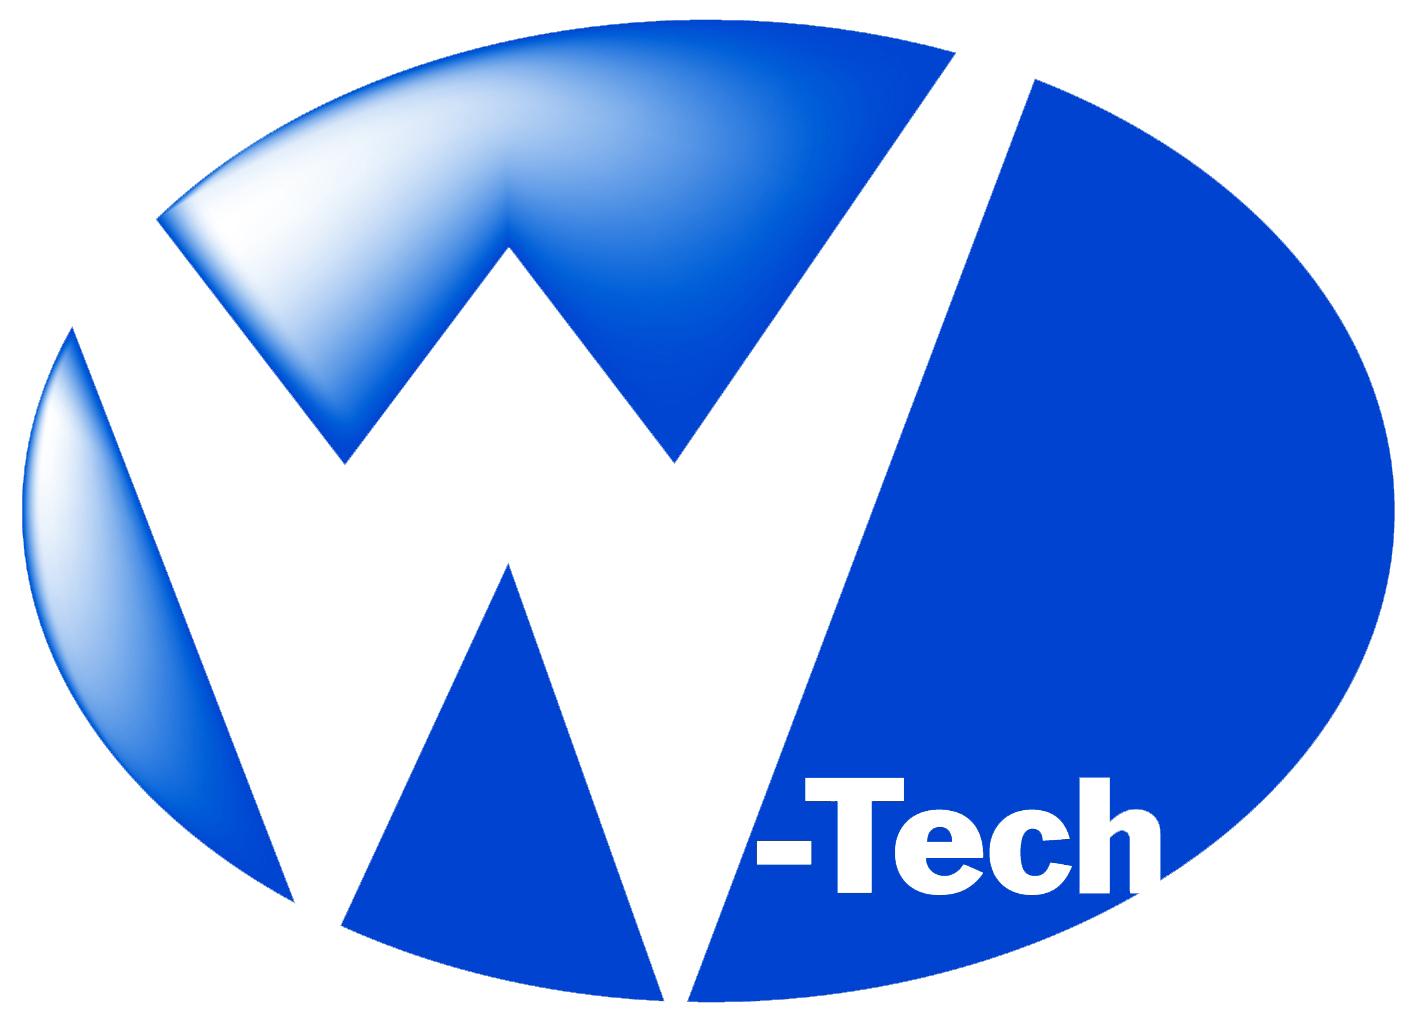 W-Tech